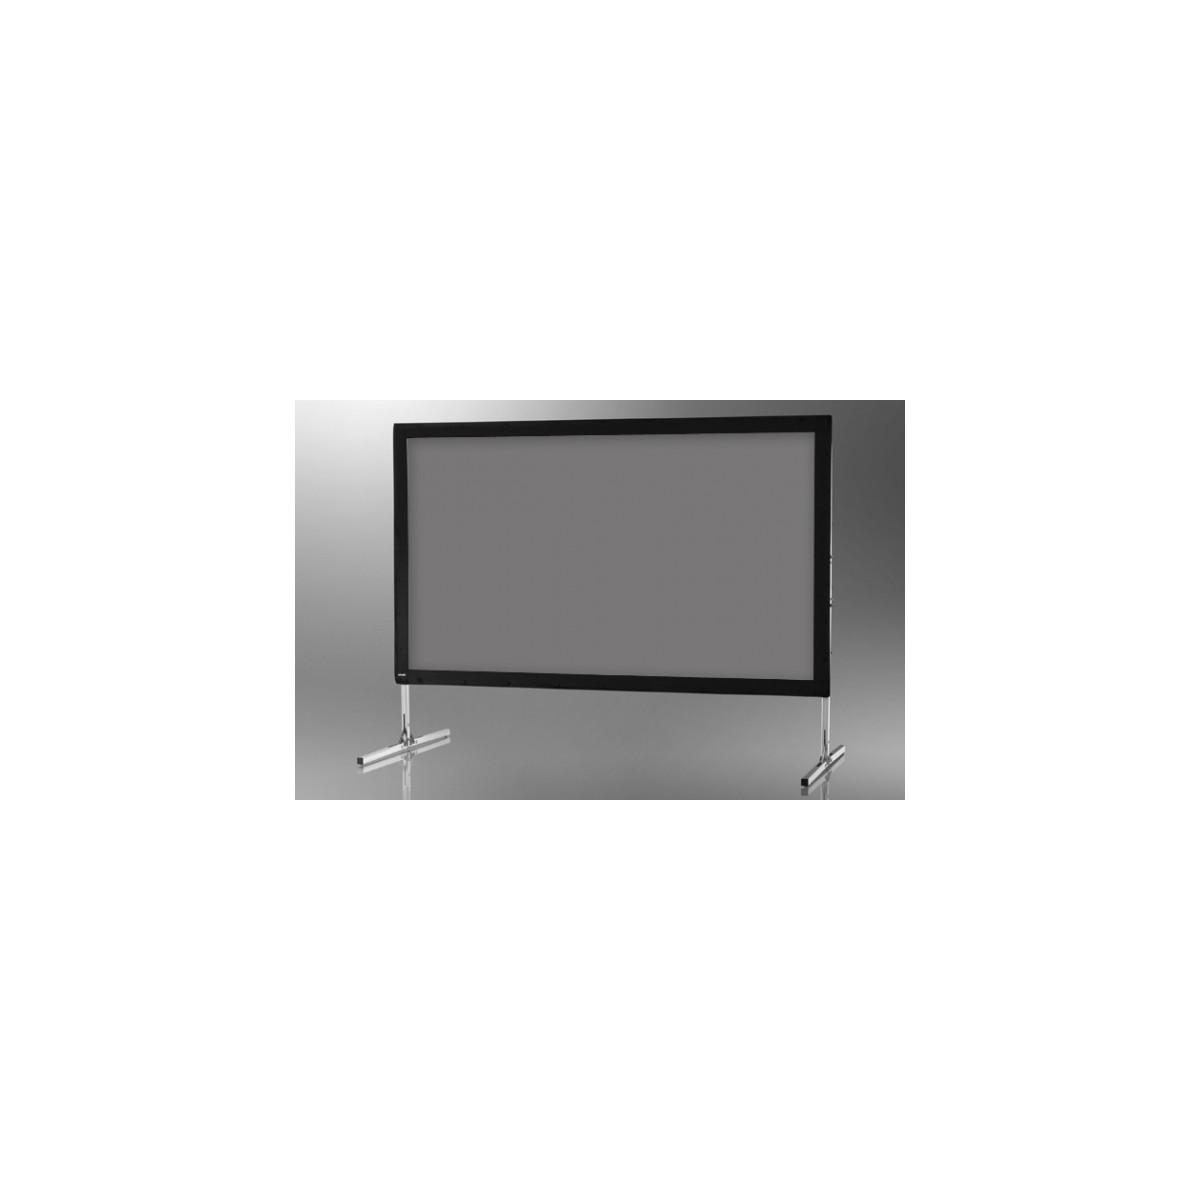 ecran de projection sur cadre celexon mobil expert 366. Black Bedroom Furniture Sets. Home Design Ideas